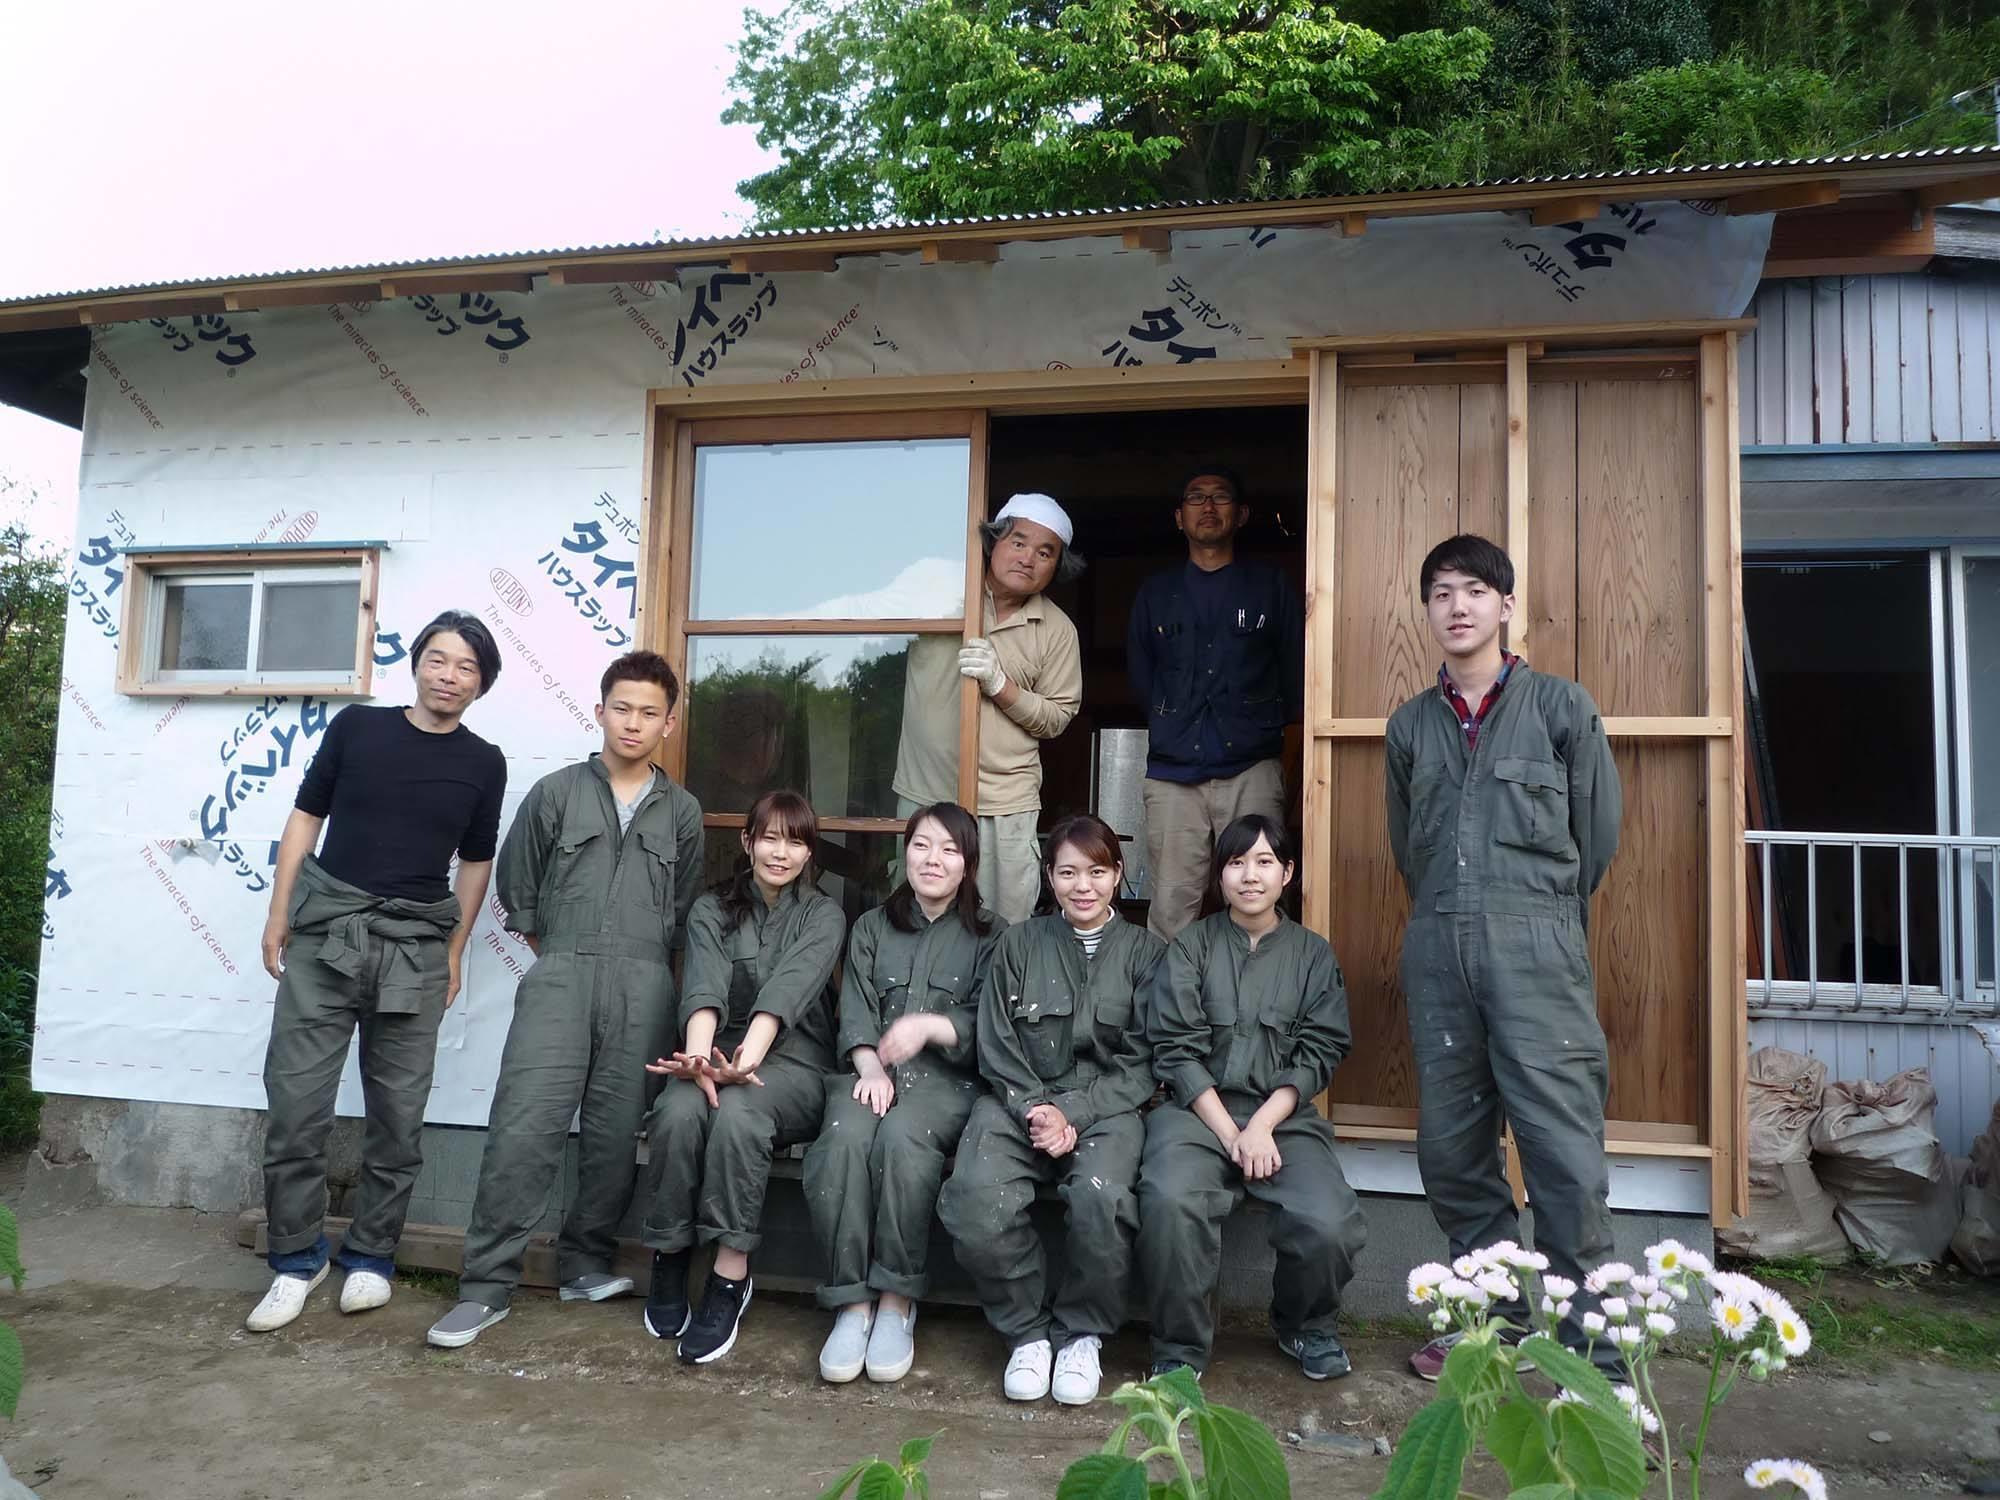 大学生が改修した空き家を活用して、横須賀・追浜地区で地域交流会を開催します。三浦半島でとれた新鮮な魚介類を使った料理も振る舞います。